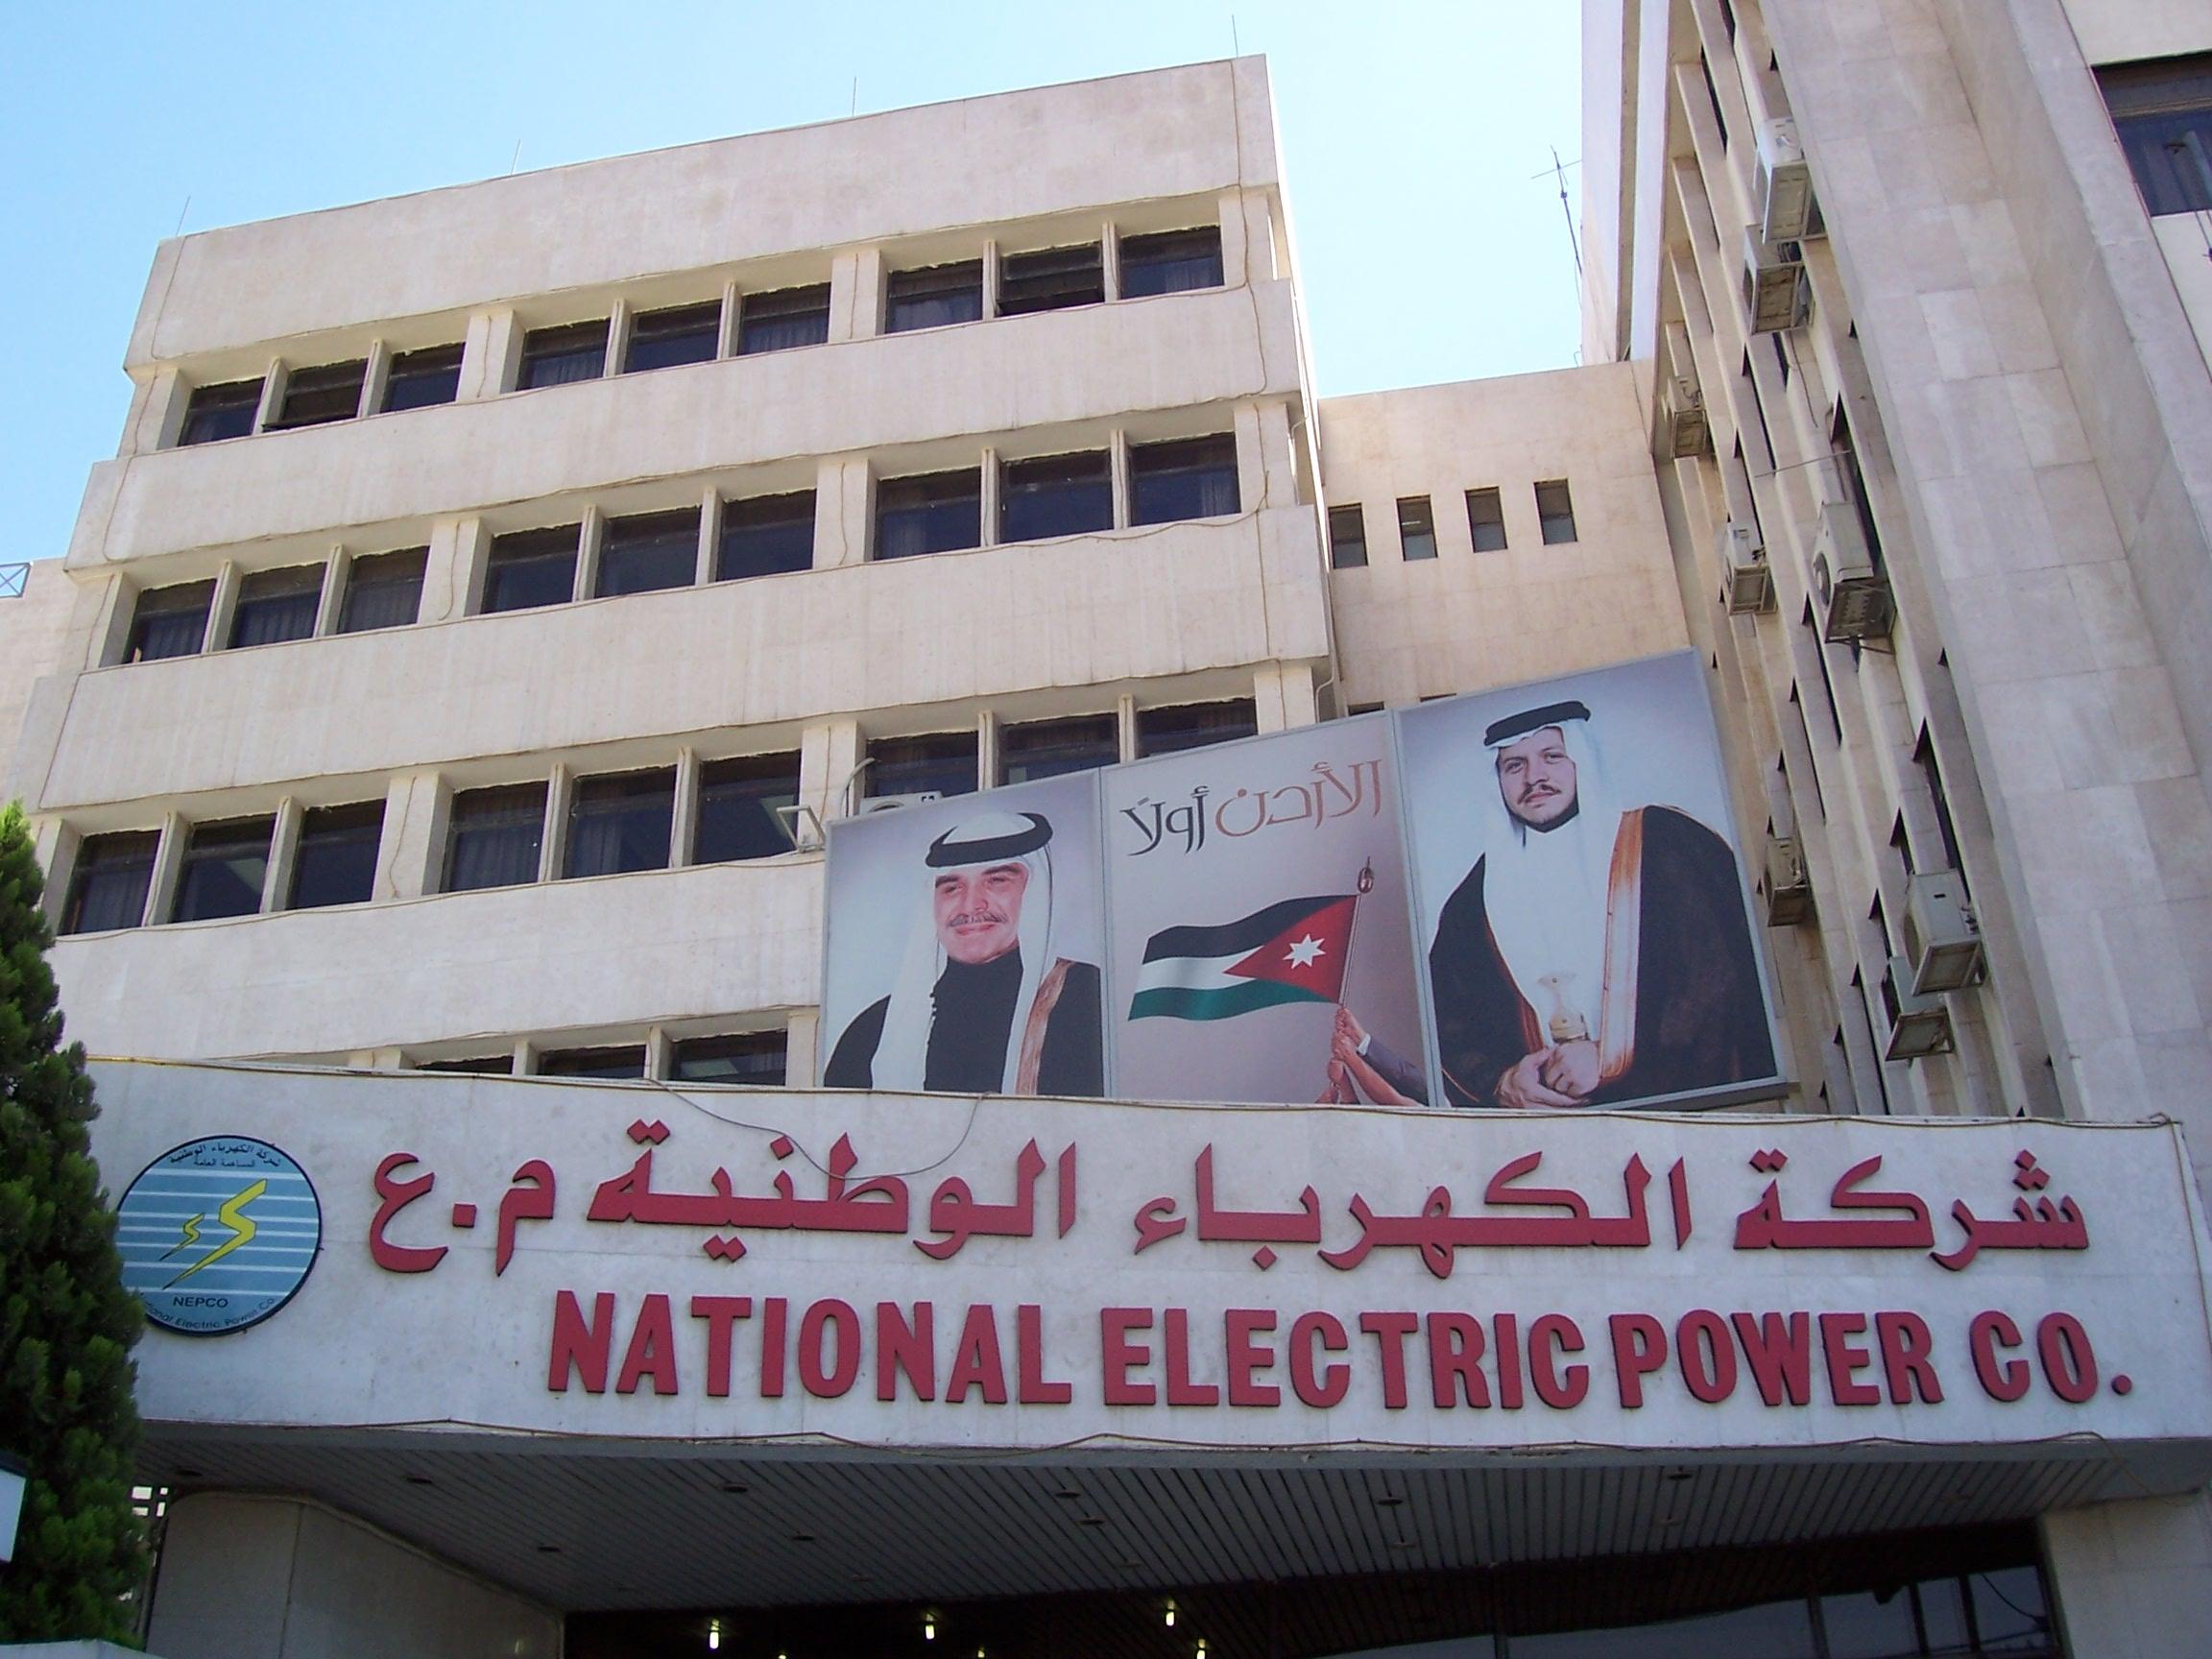 شركة الكهرباء الوطنية